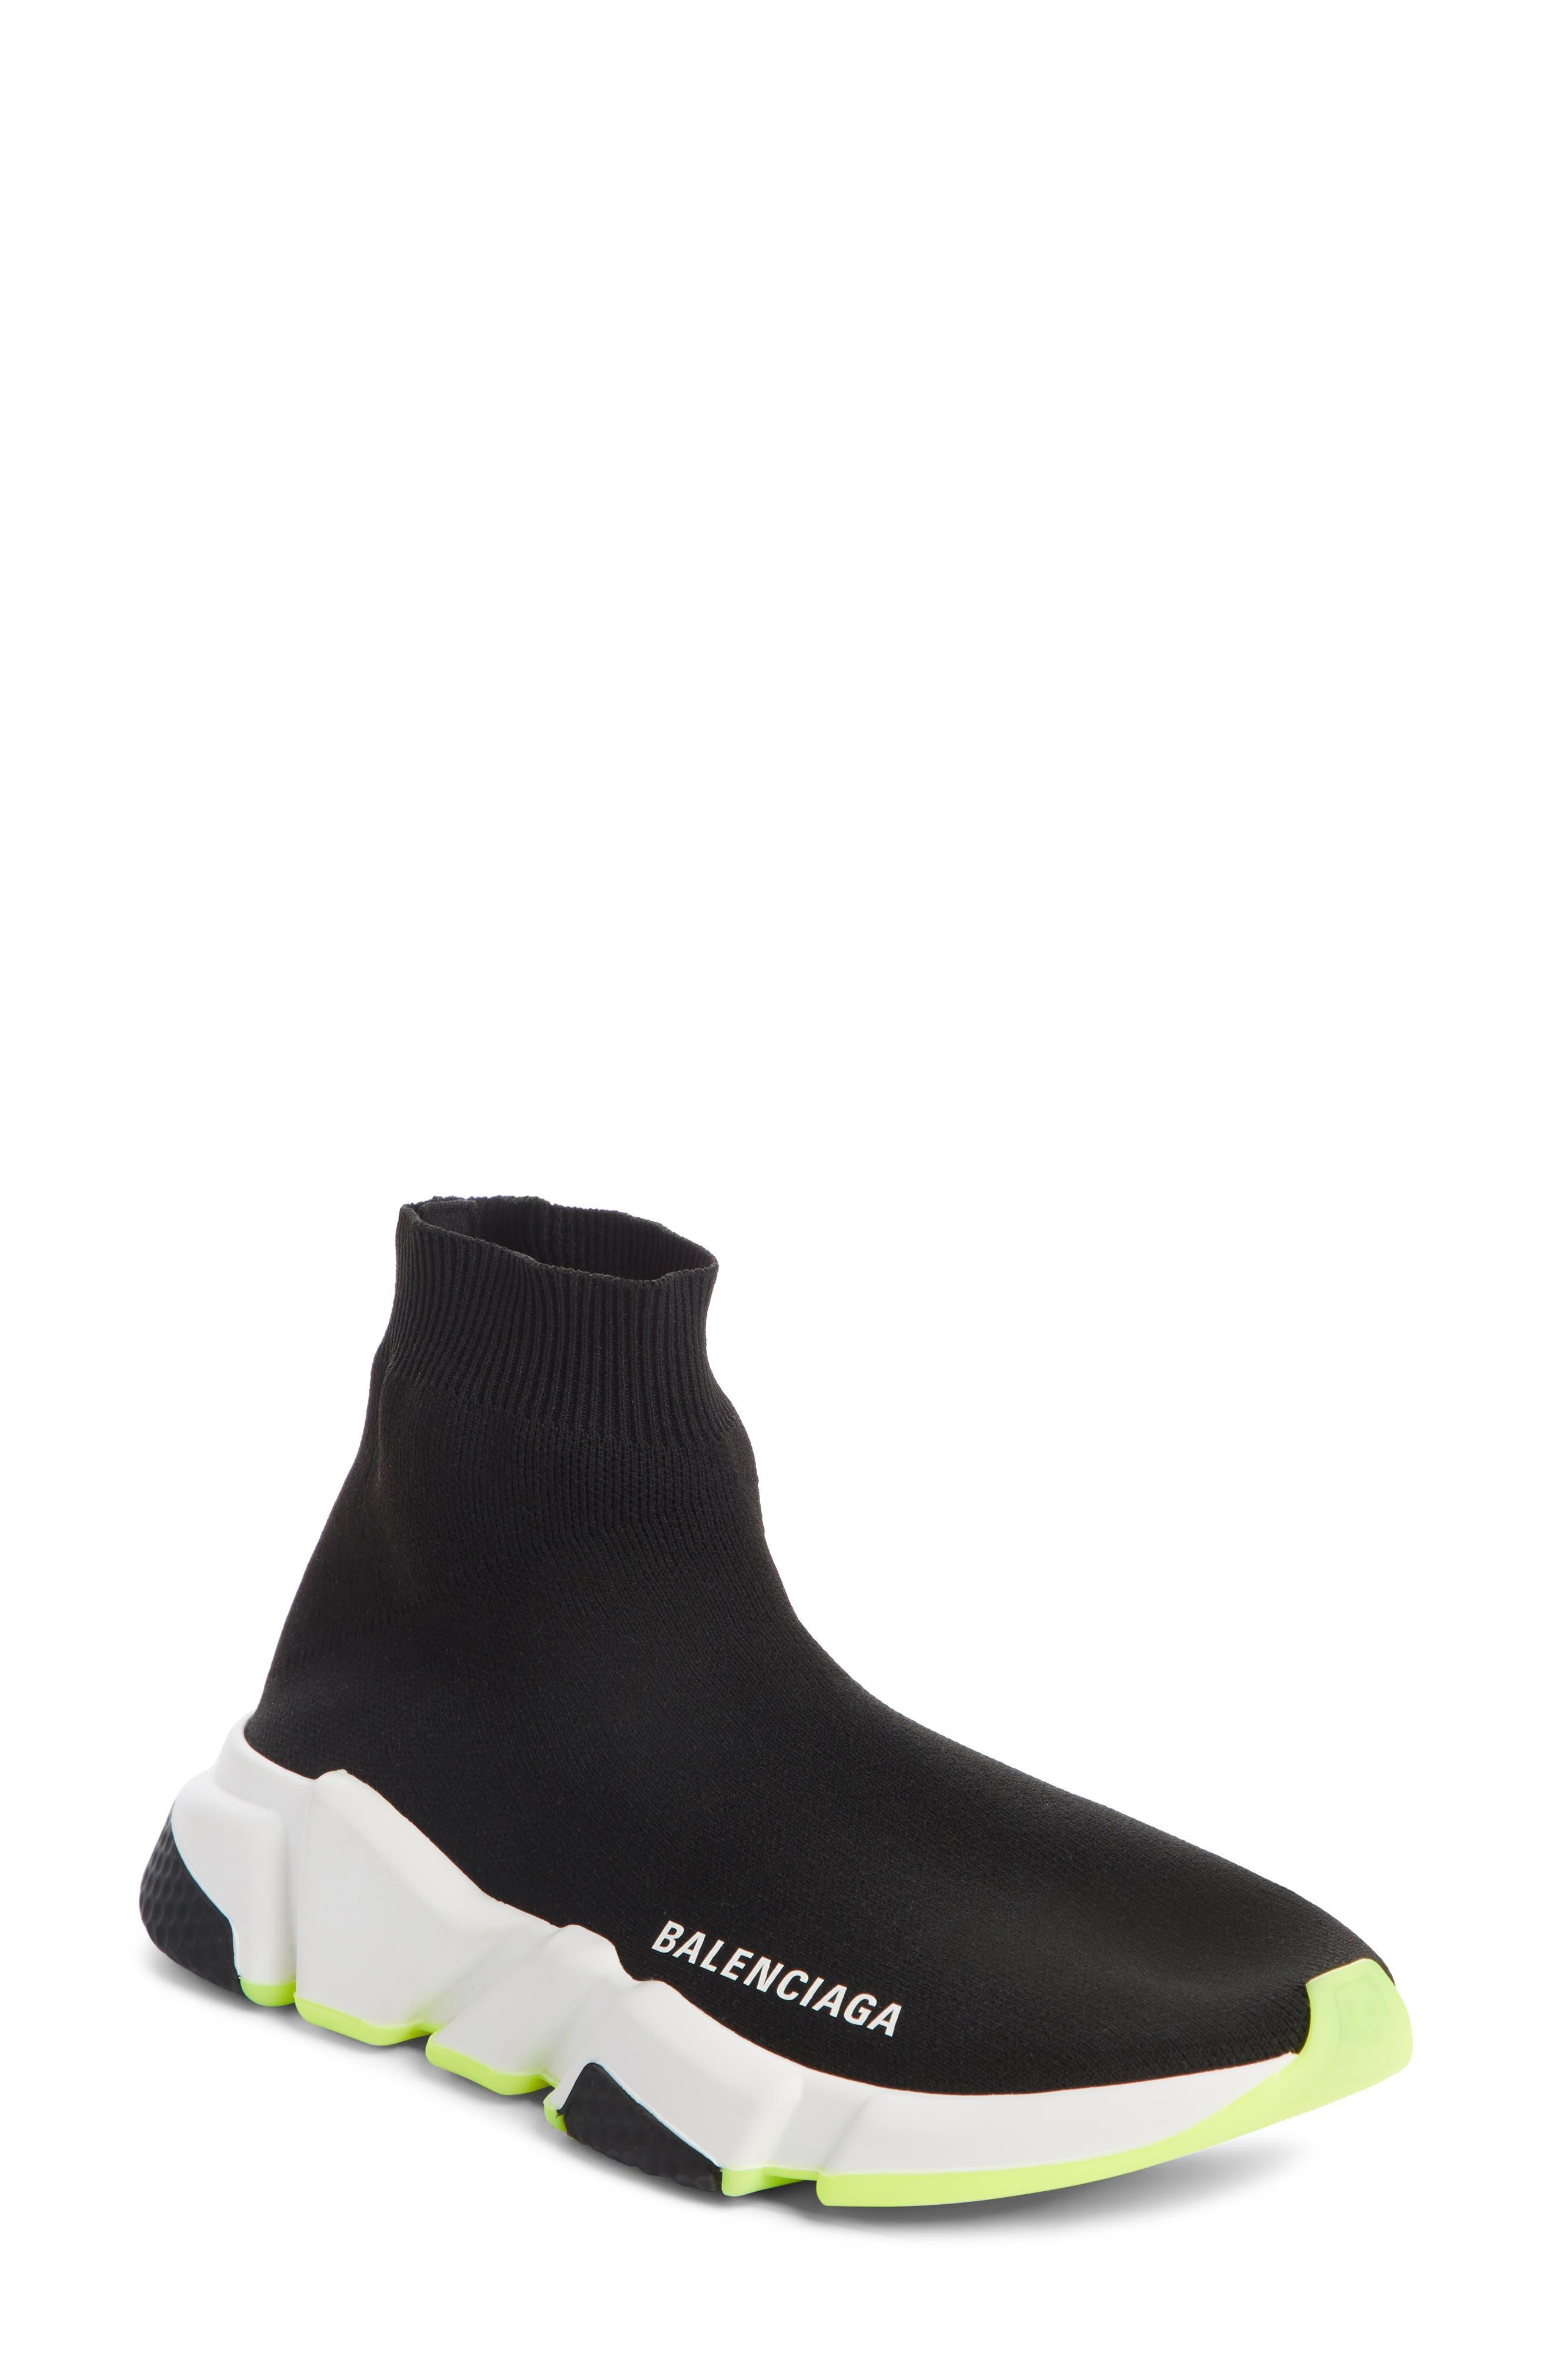 Speed Knit Sneaker in Black/ Neon